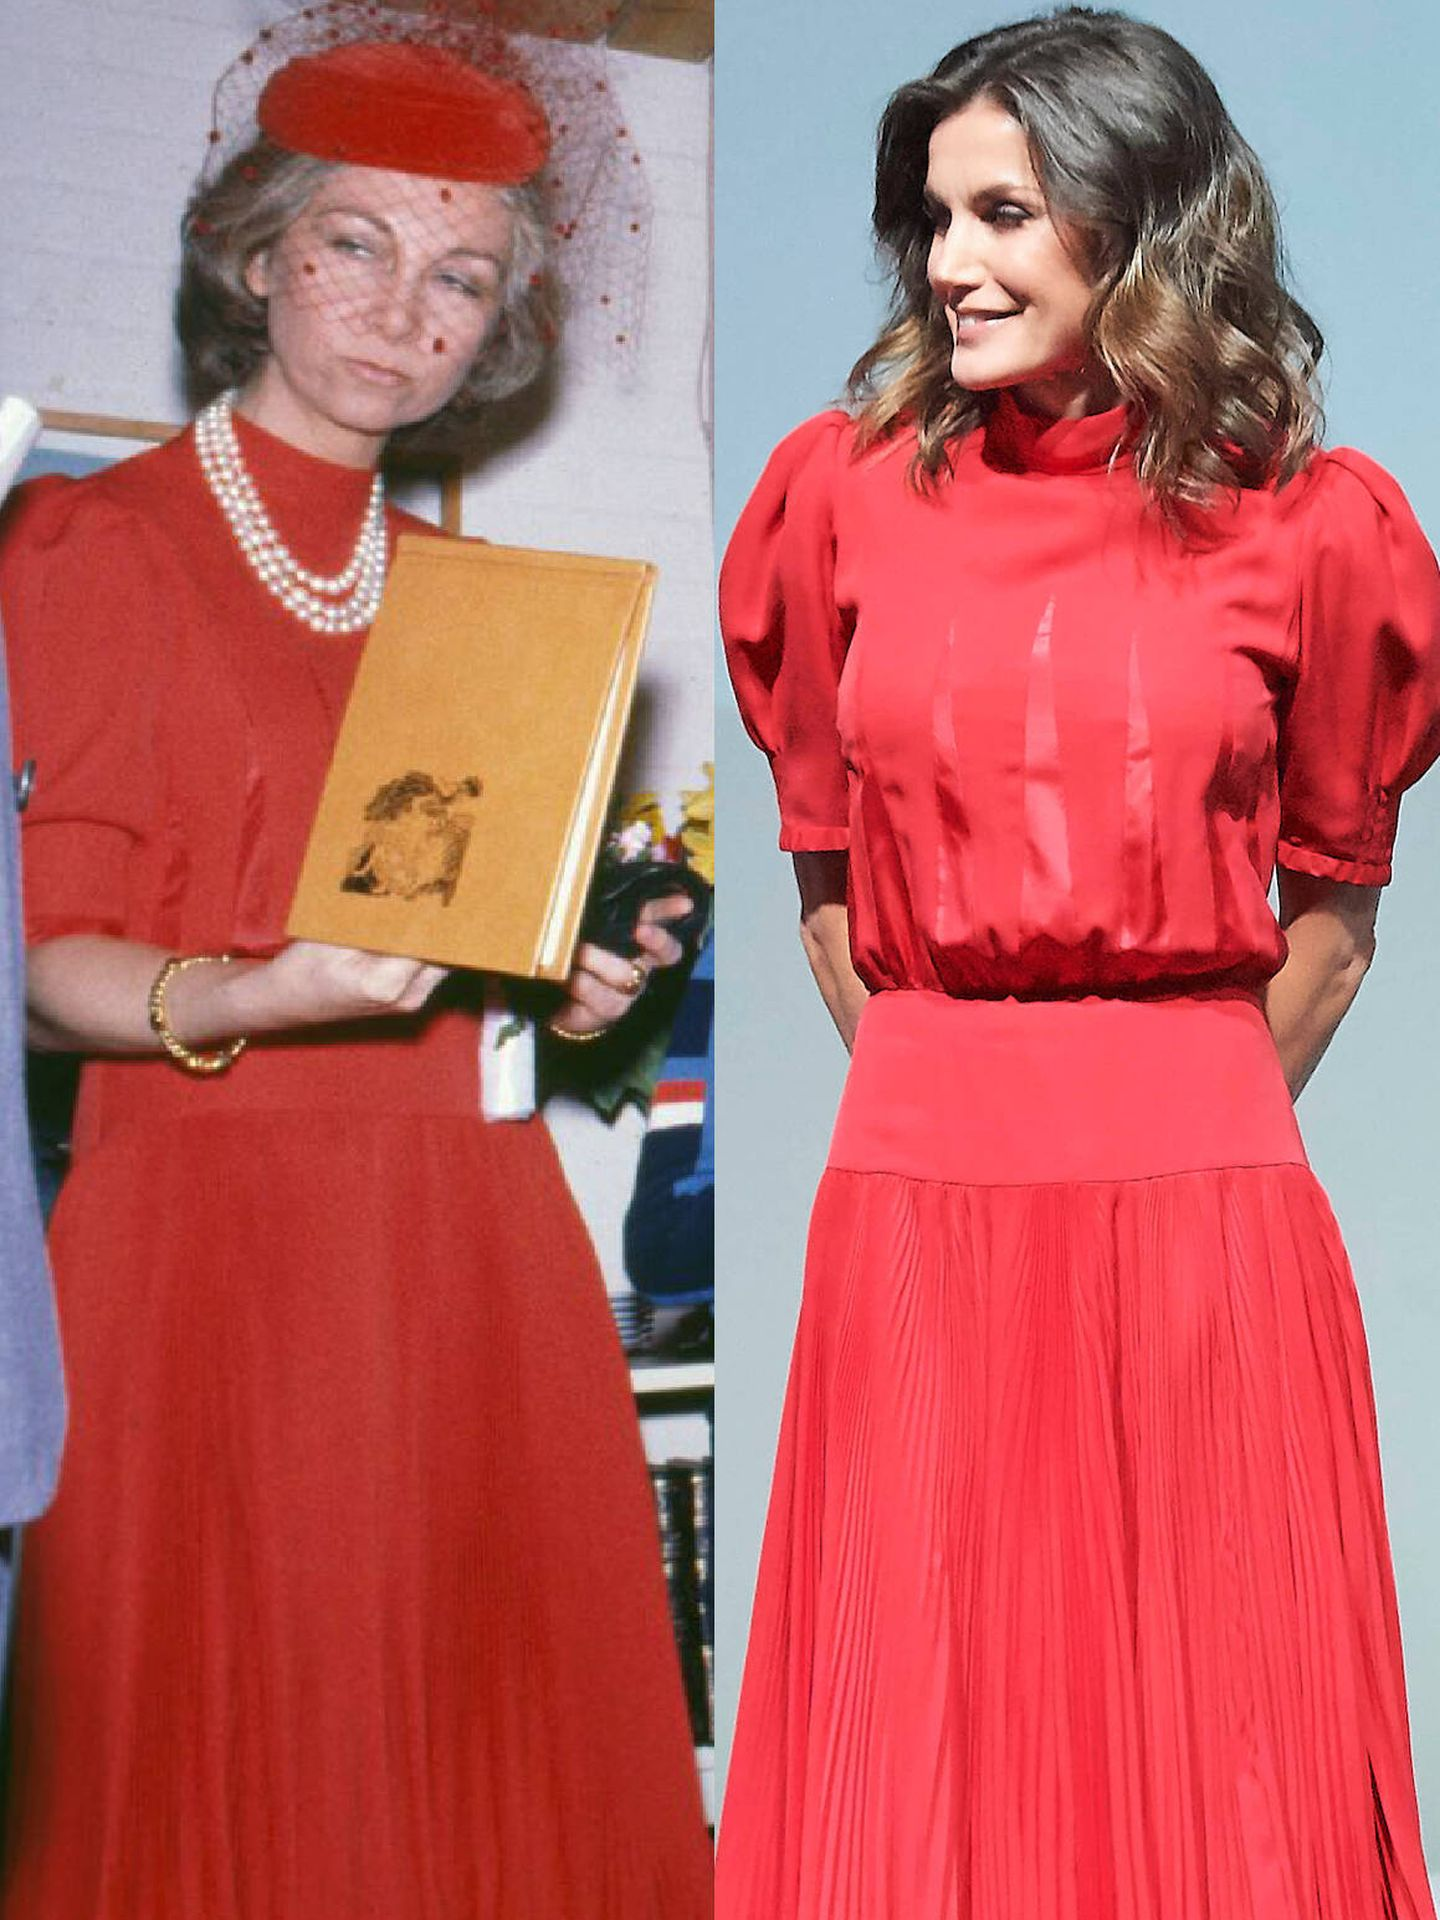 Doña Sofía, en 1980 con el vestido y doña Letizia en 2018. (Getty/LP)